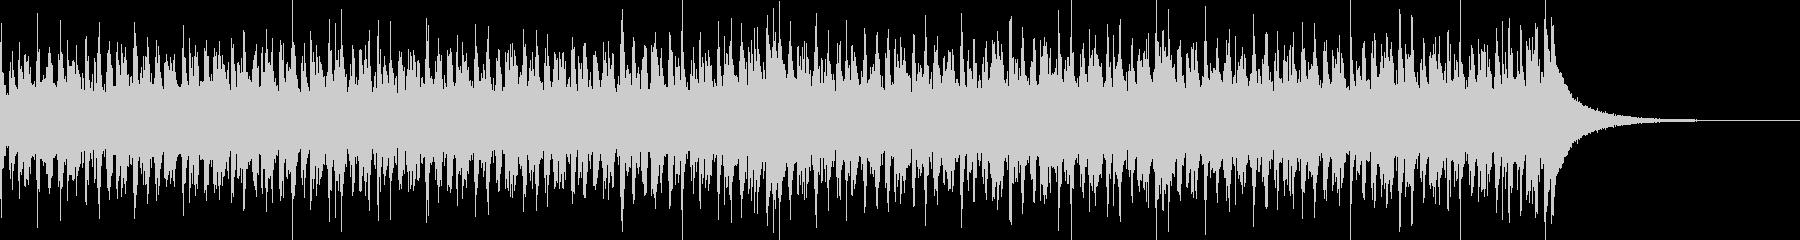 ショートBGM、ハウスポップの未再生の波形